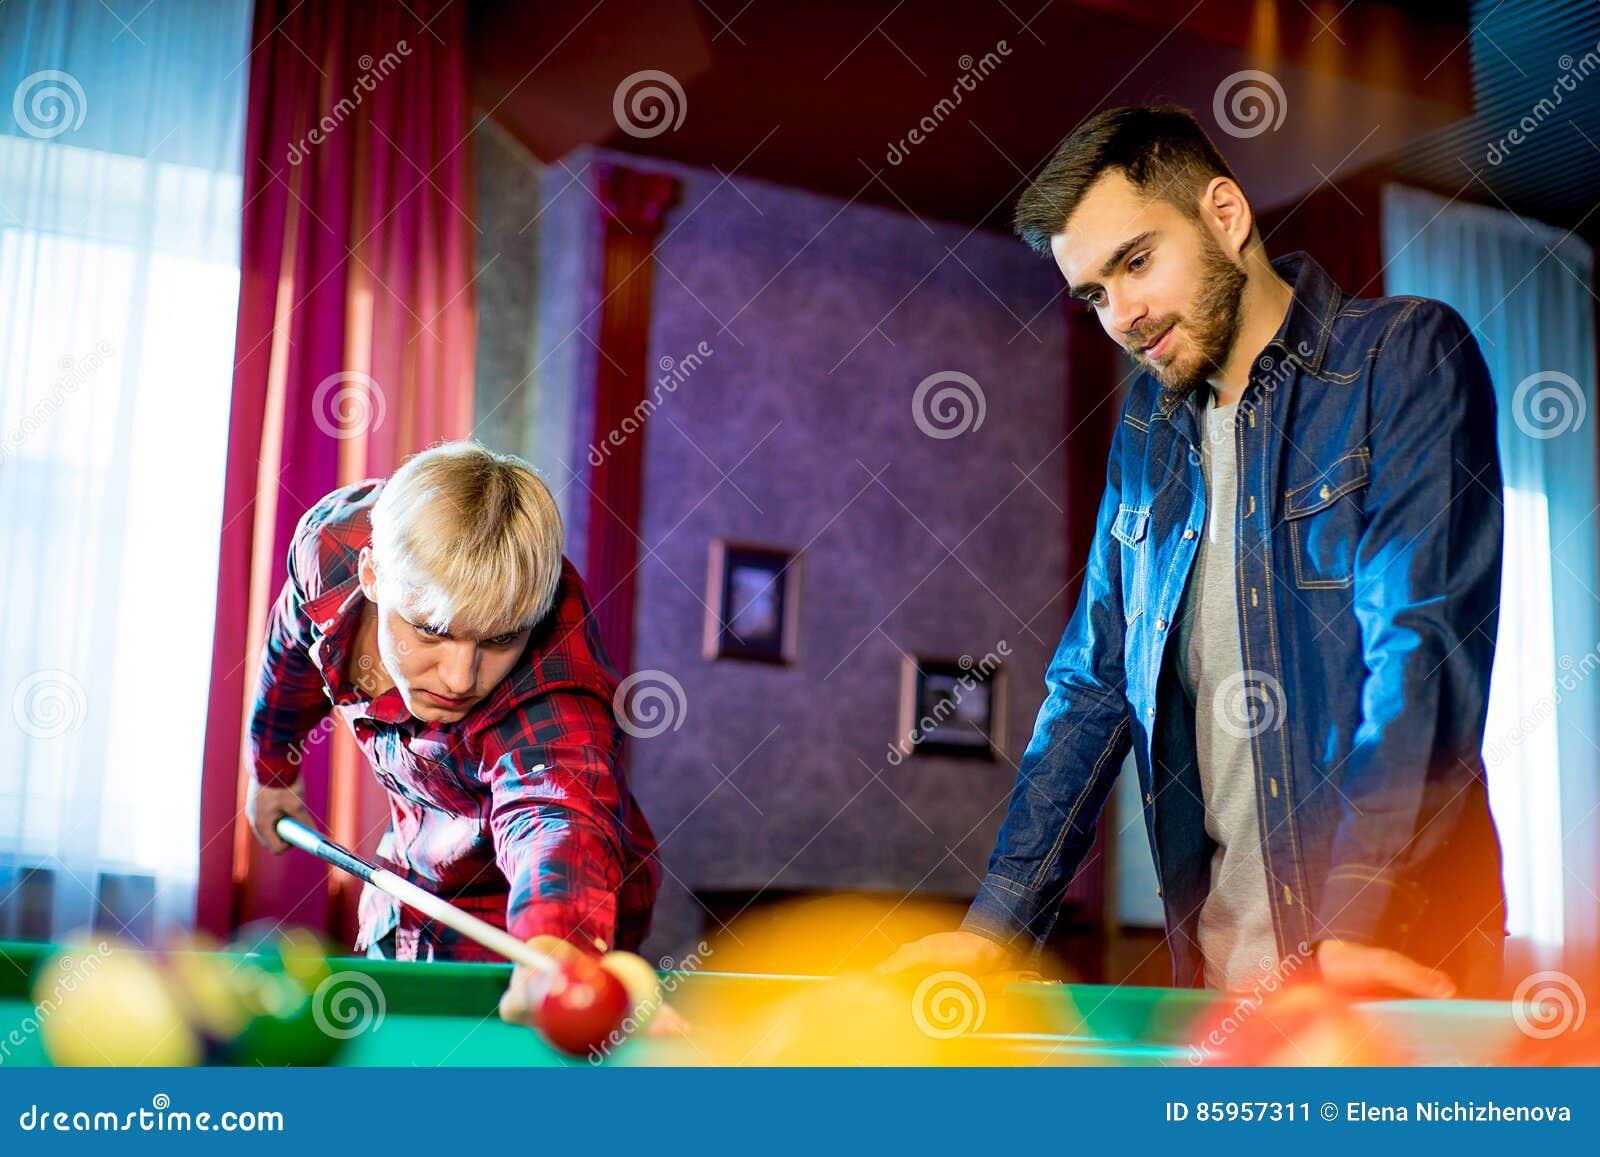 Billard game played but two guys that start playing